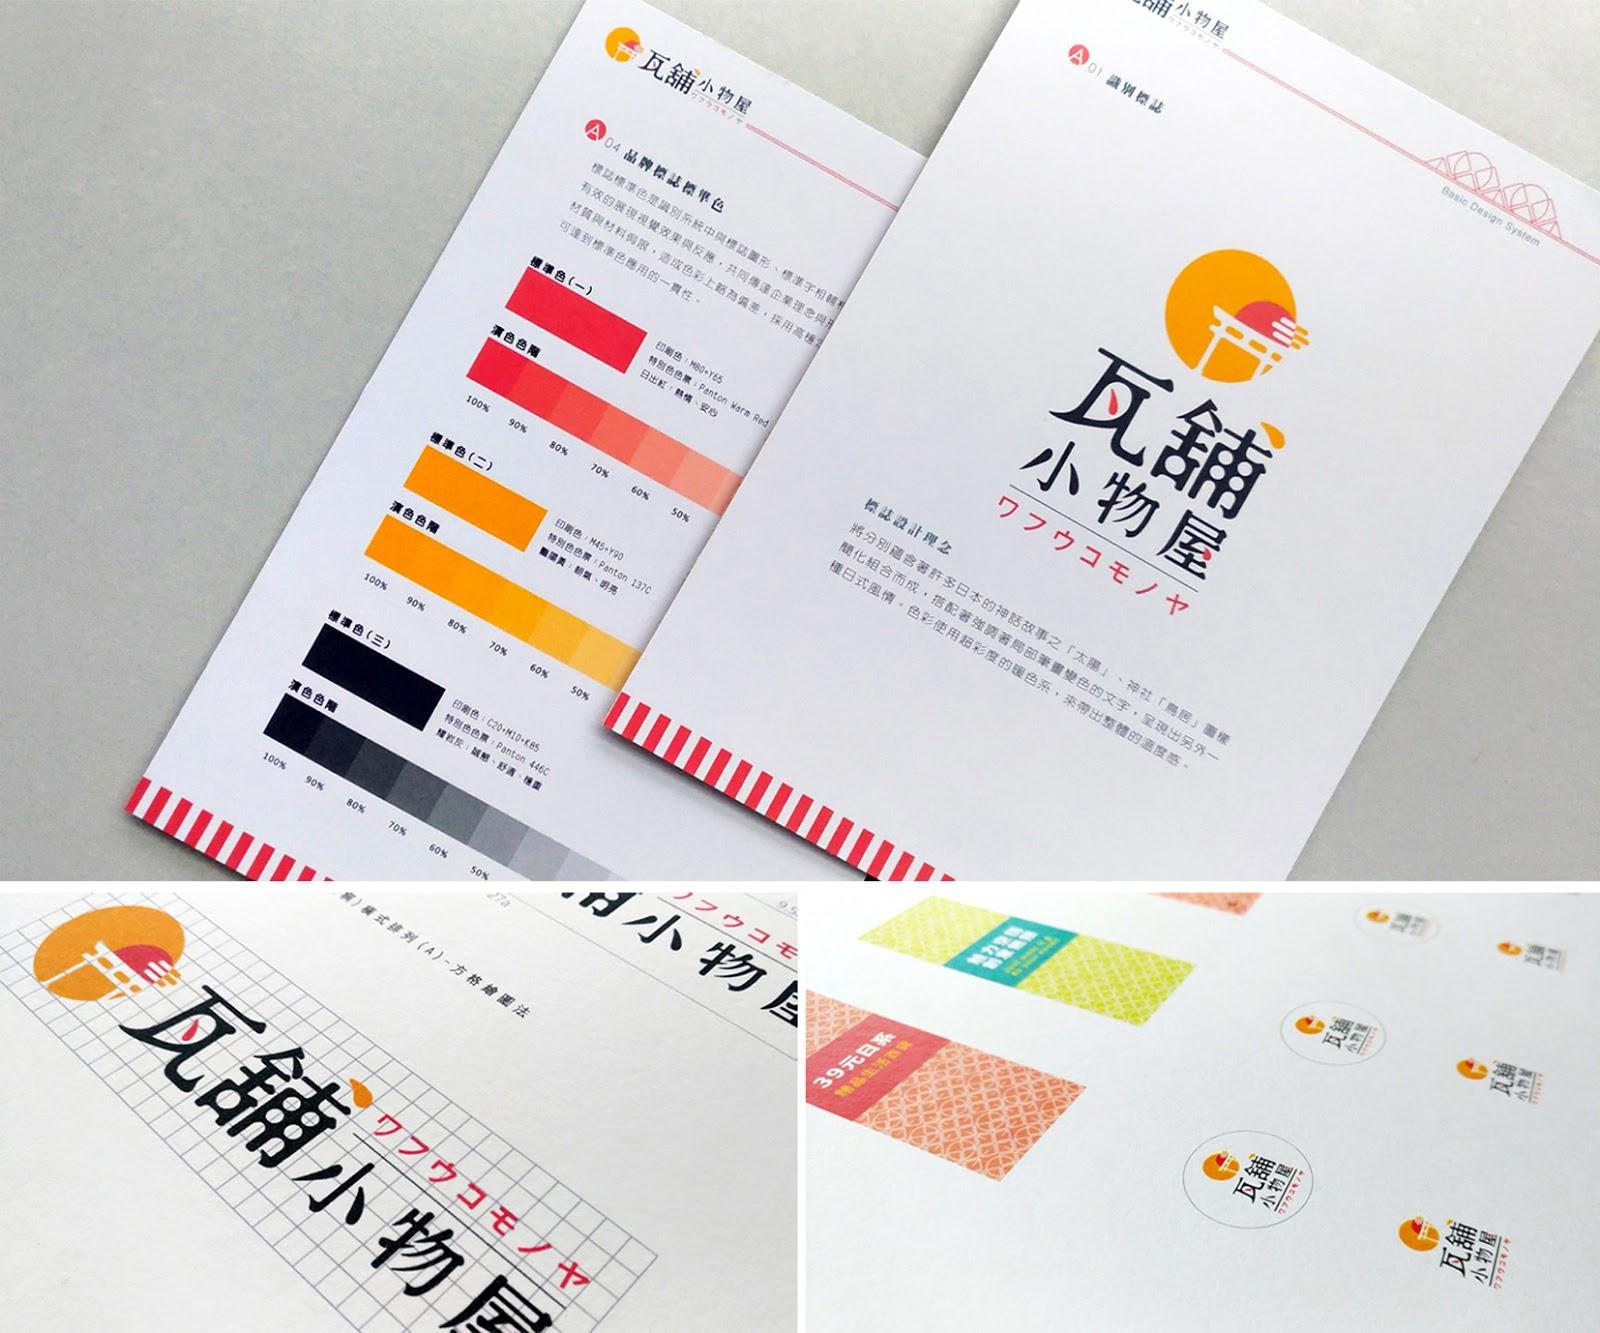 形象視覺規劃 Corporate Image Planning